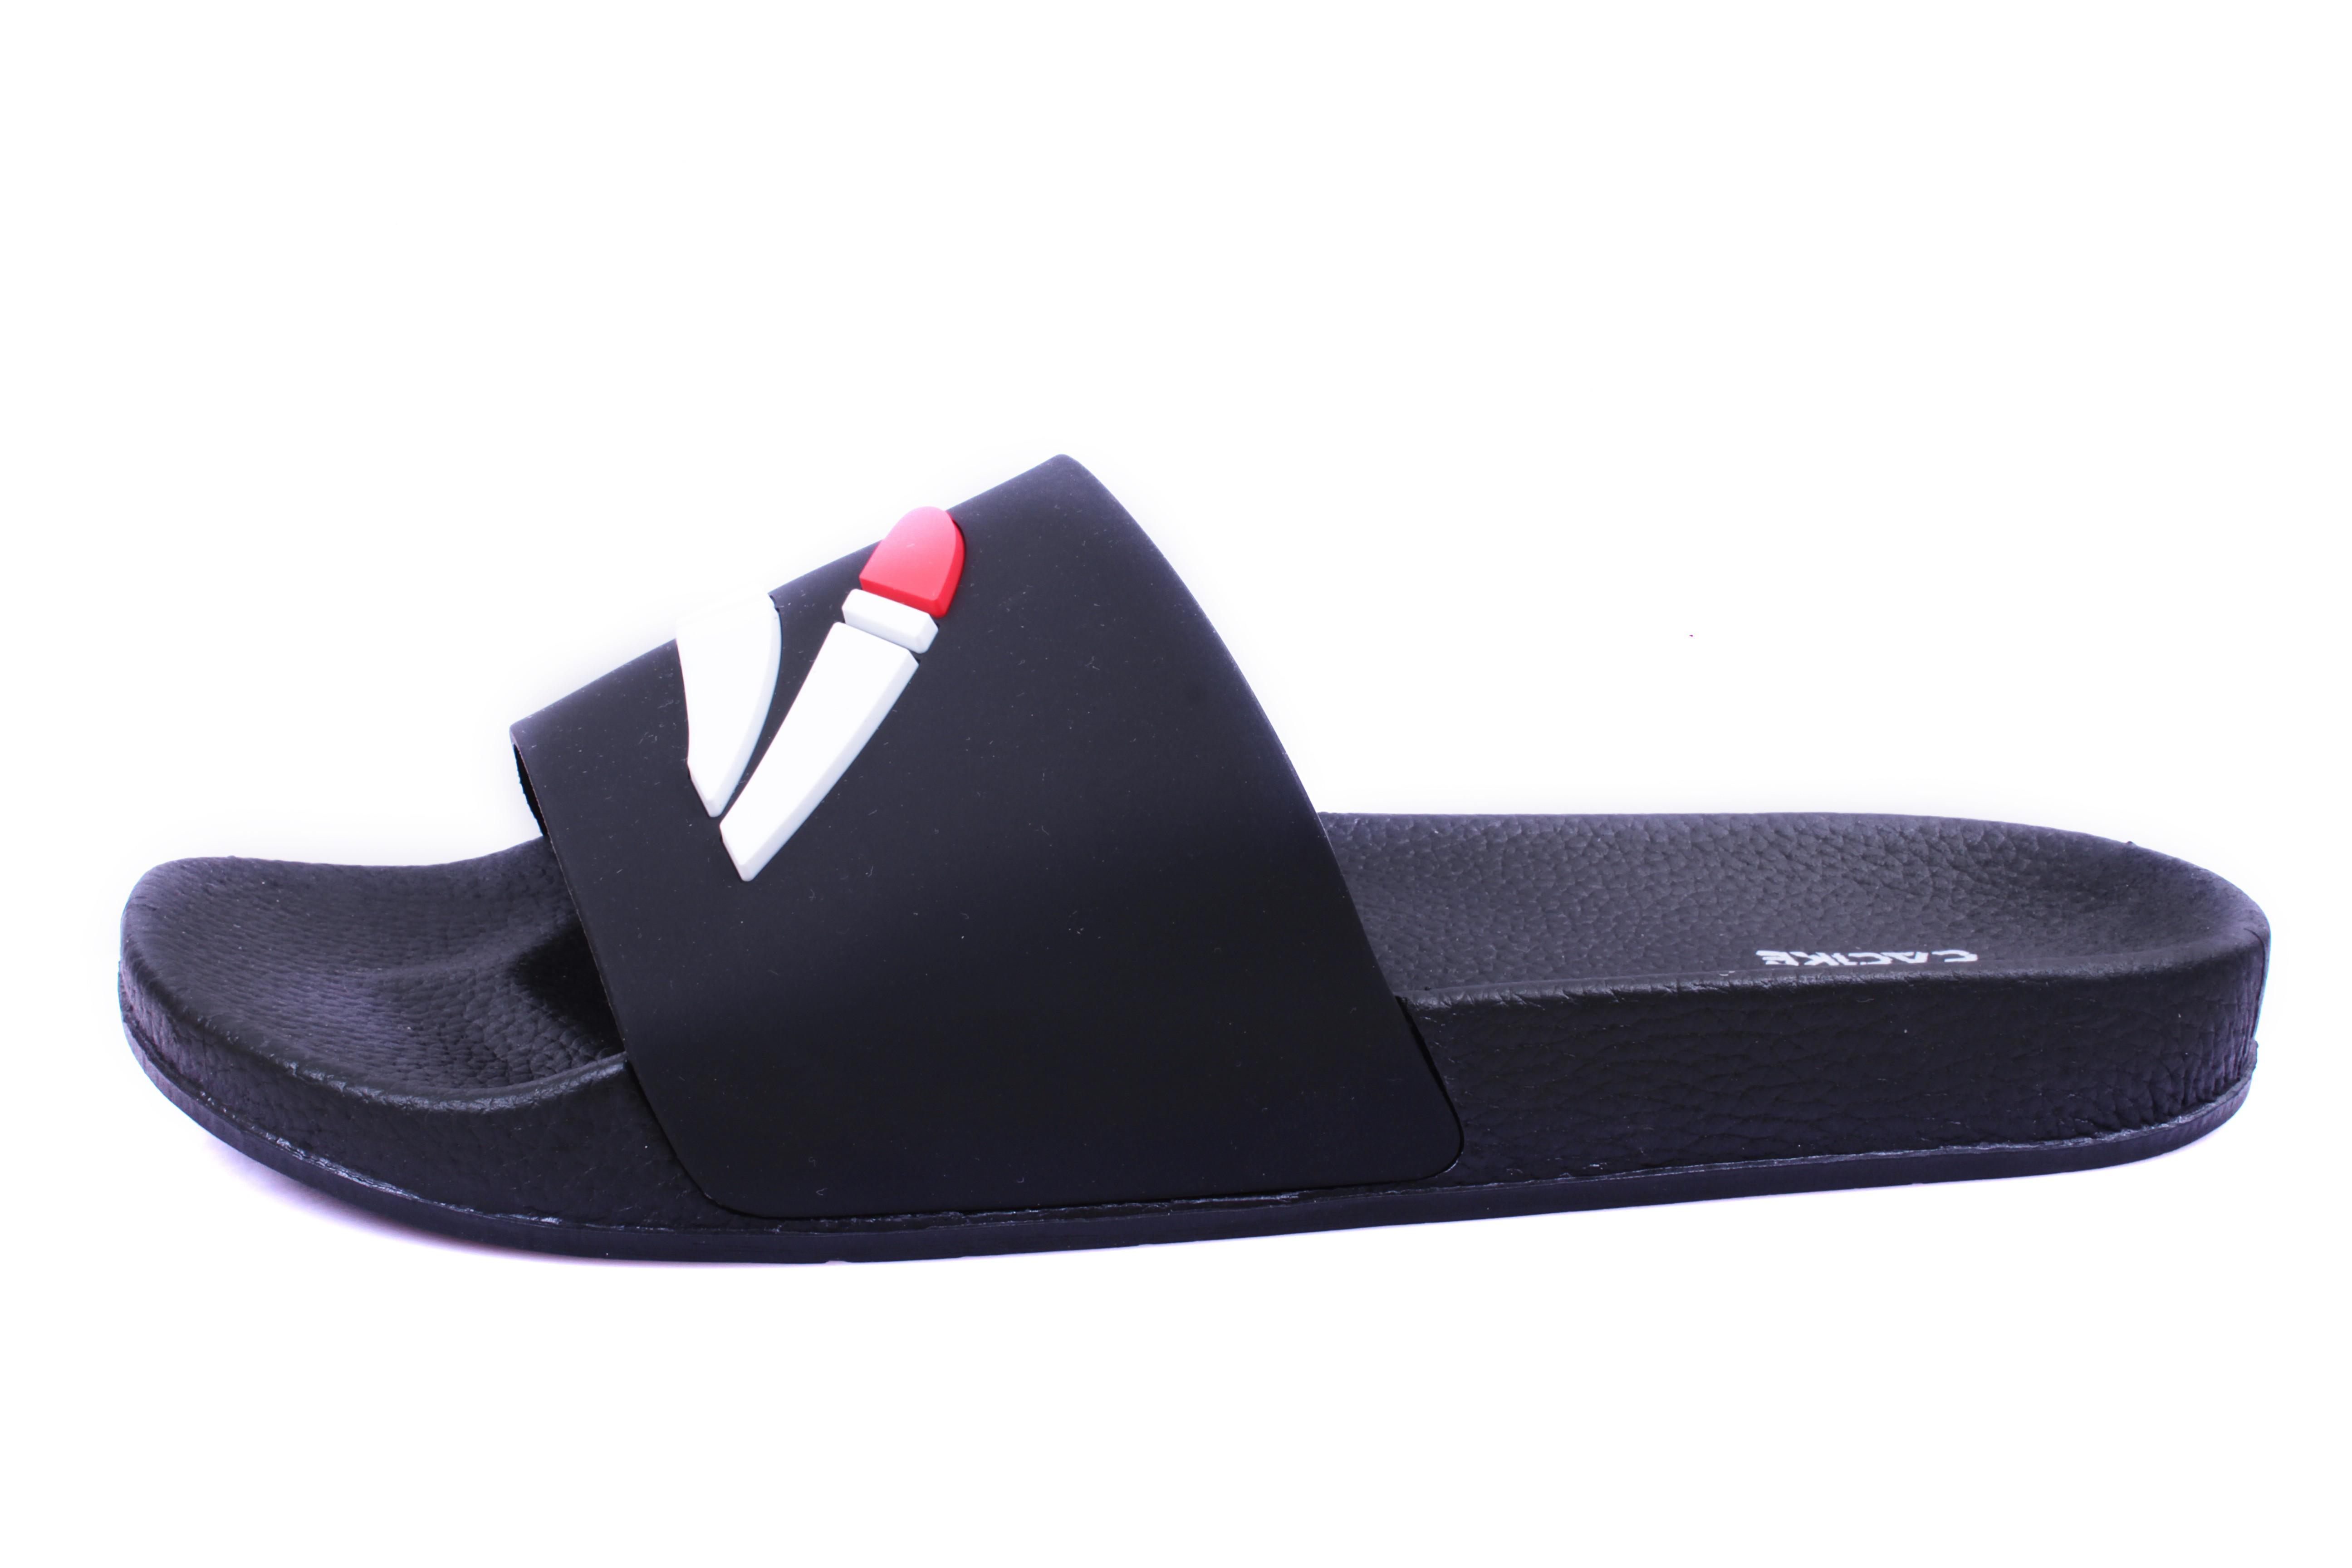 Sandalias de Hombre Pluma Cac1ke Negro